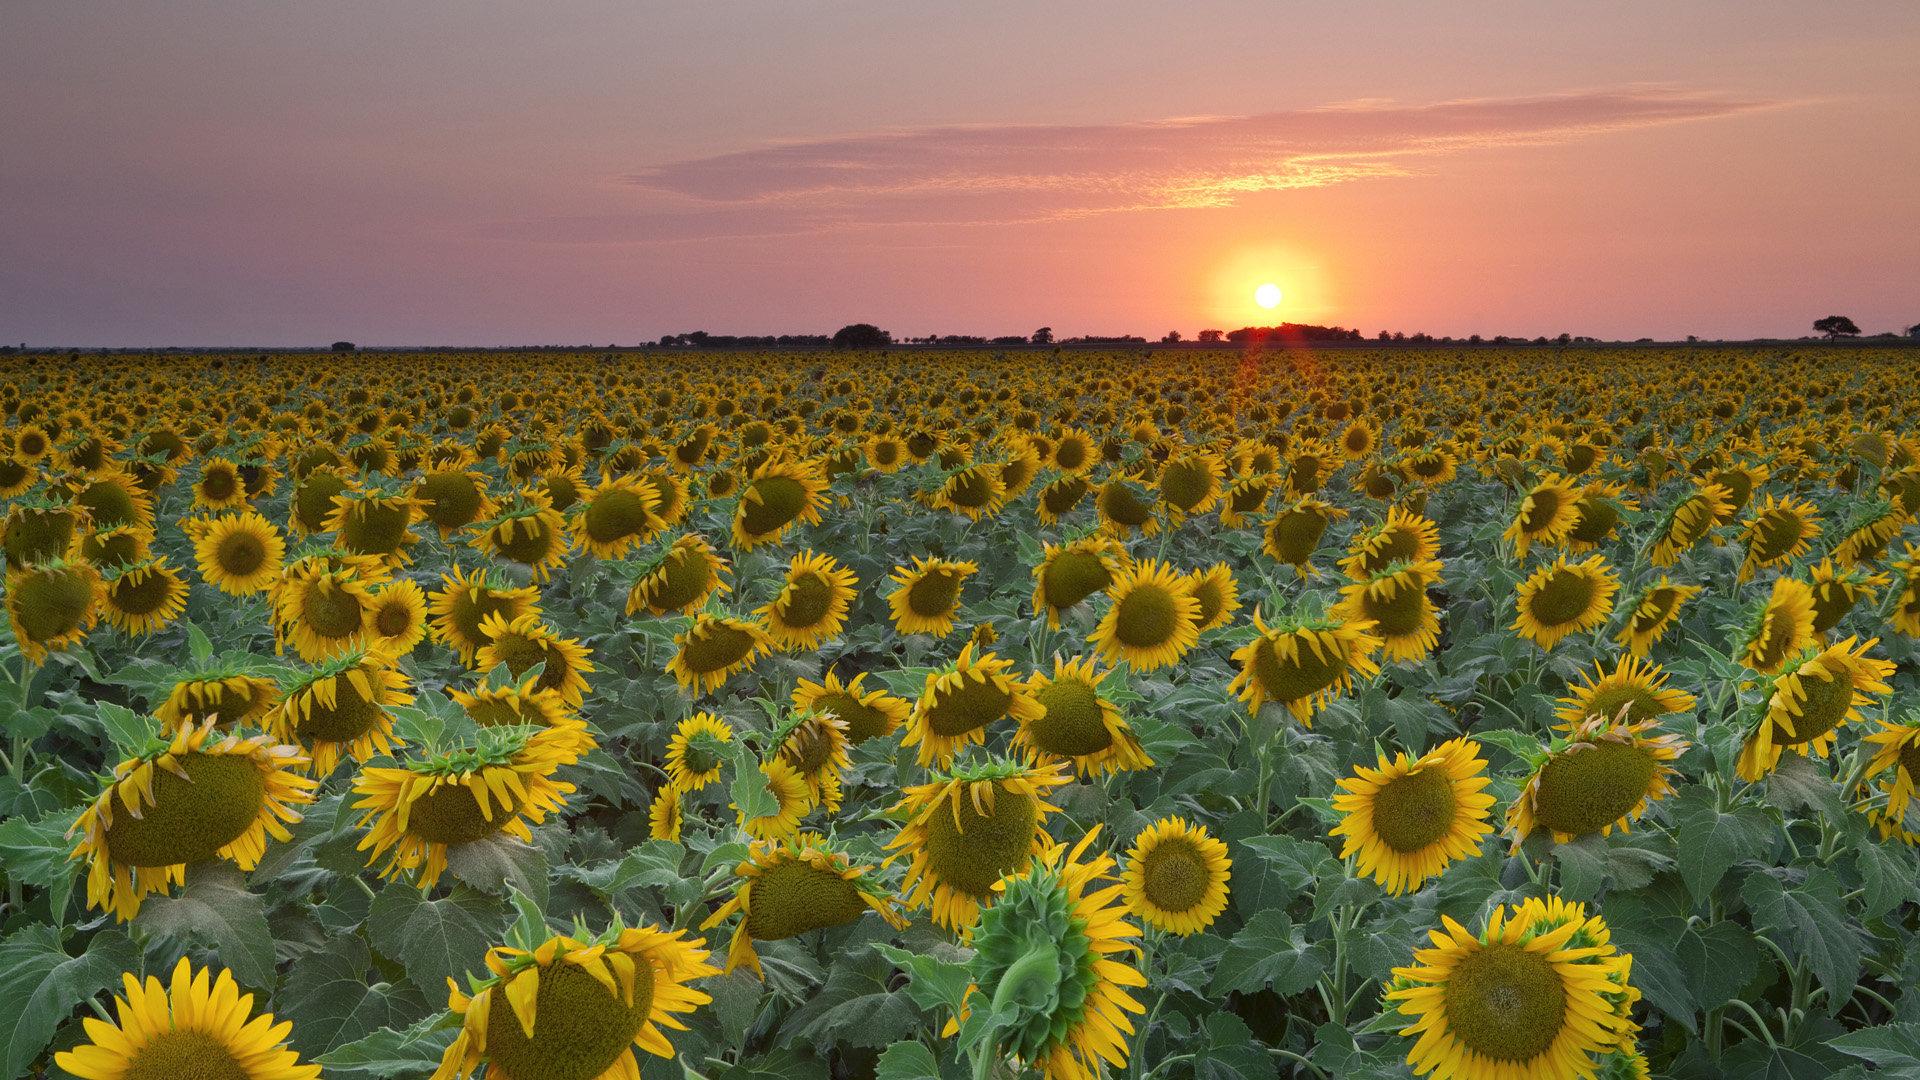 sunflower wallpaper full hd 226557